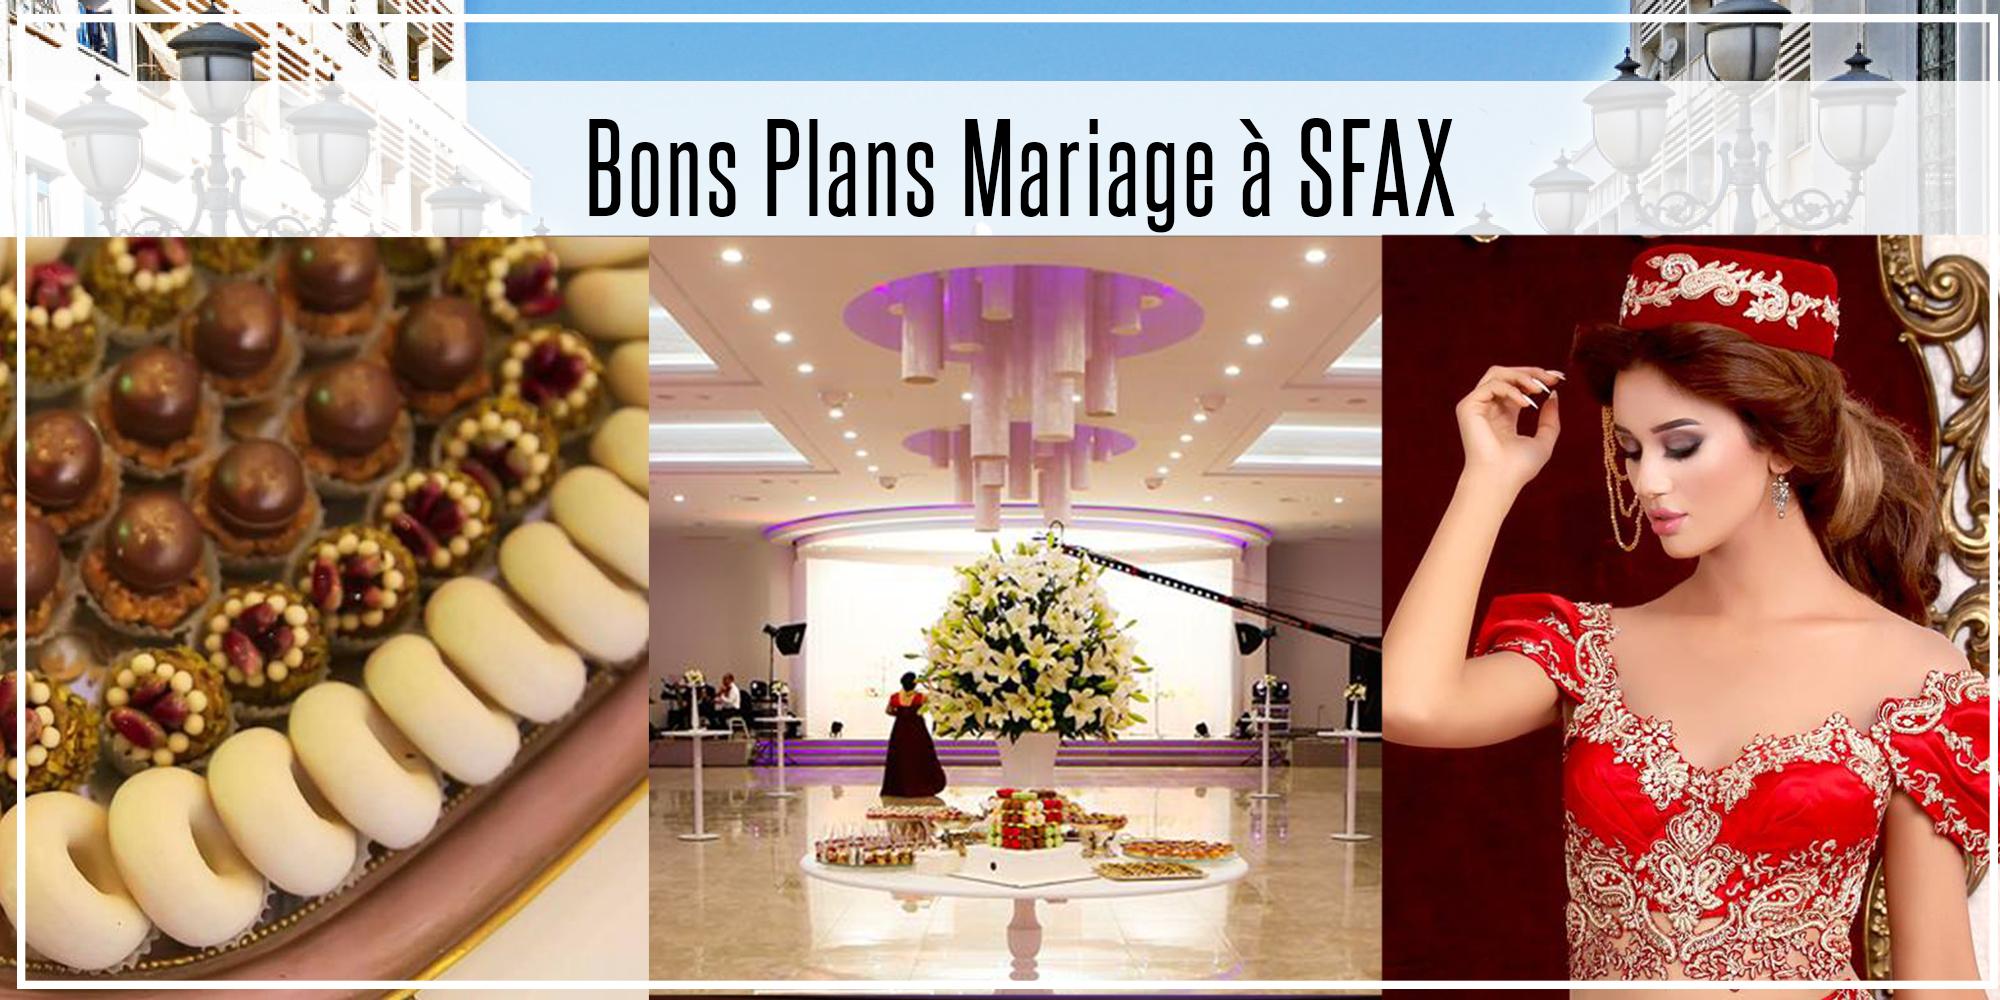 les bonnes adresses pour se marier sfax 2 mariage tout prix. Black Bedroom Furniture Sets. Home Design Ideas